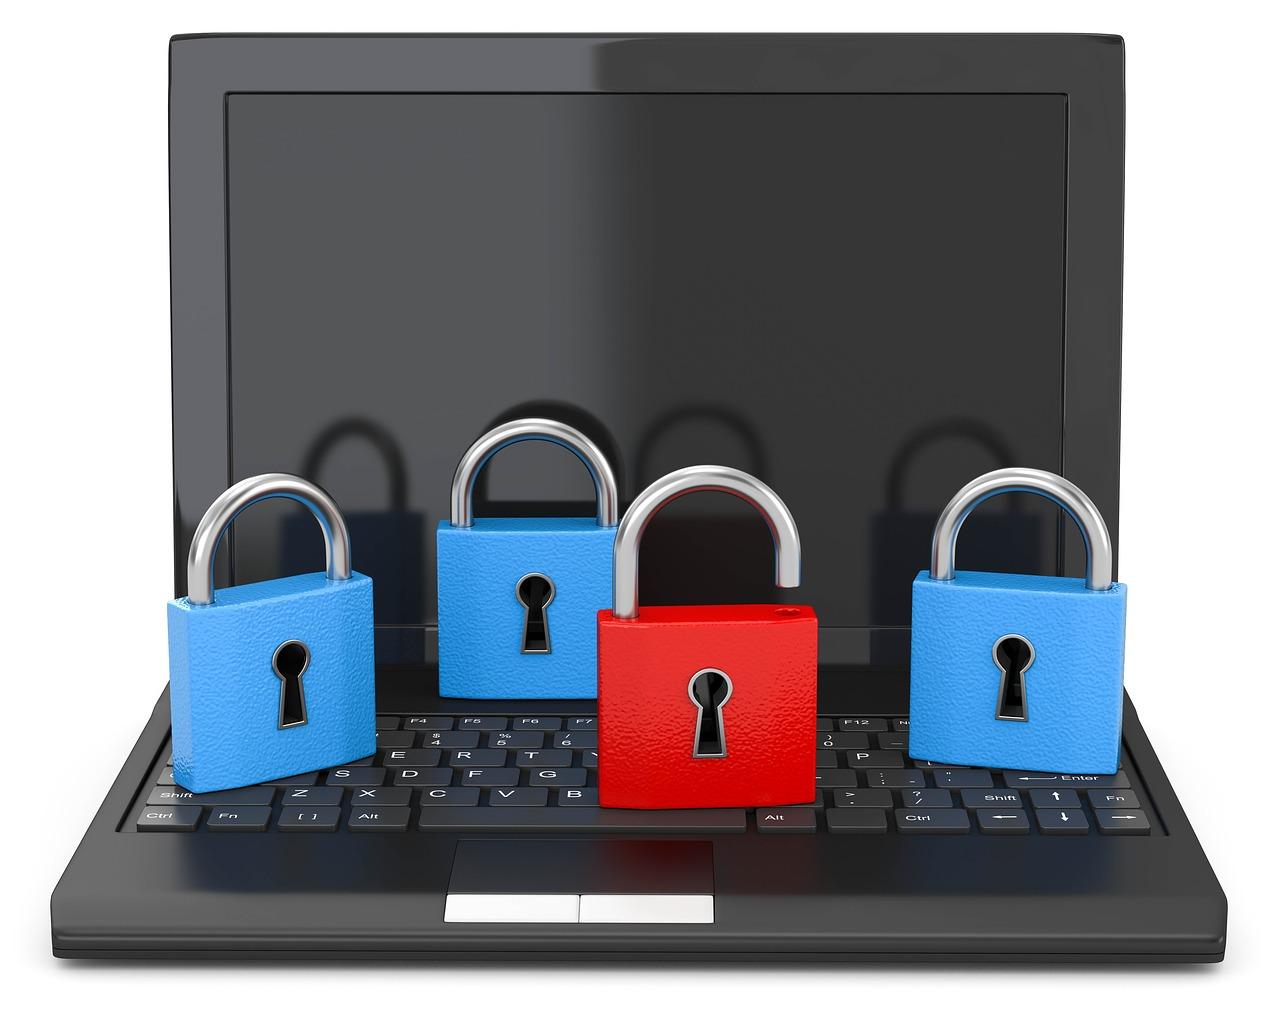 Est-ce que kaspersky est un bon antivirus ?